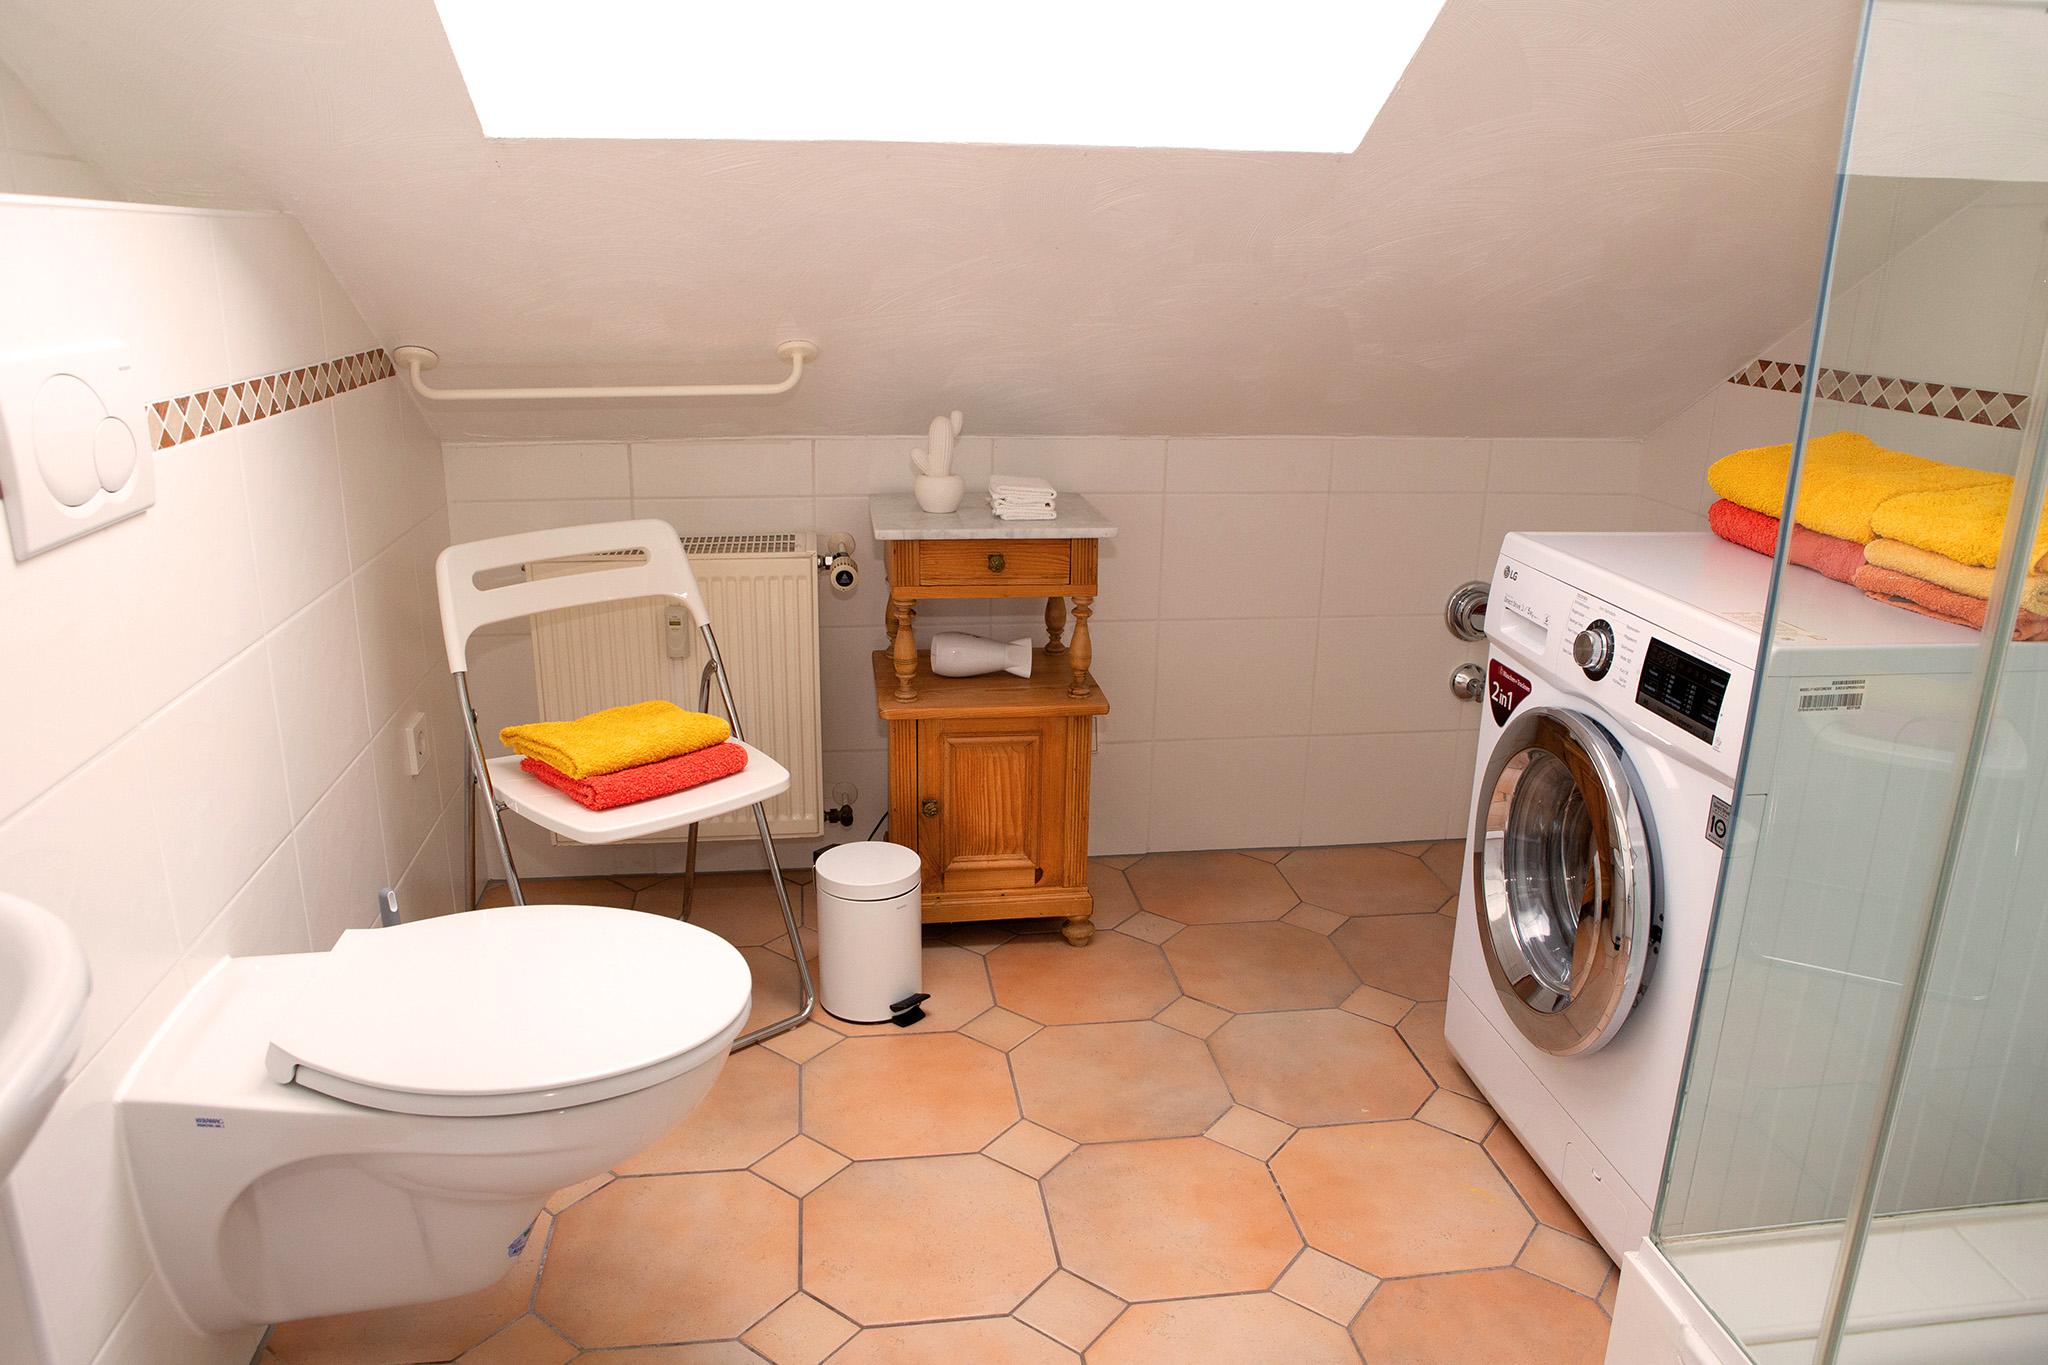 Das Badezimmer mit Waschbecken, Toilette, Dusche und Waschmaschine.